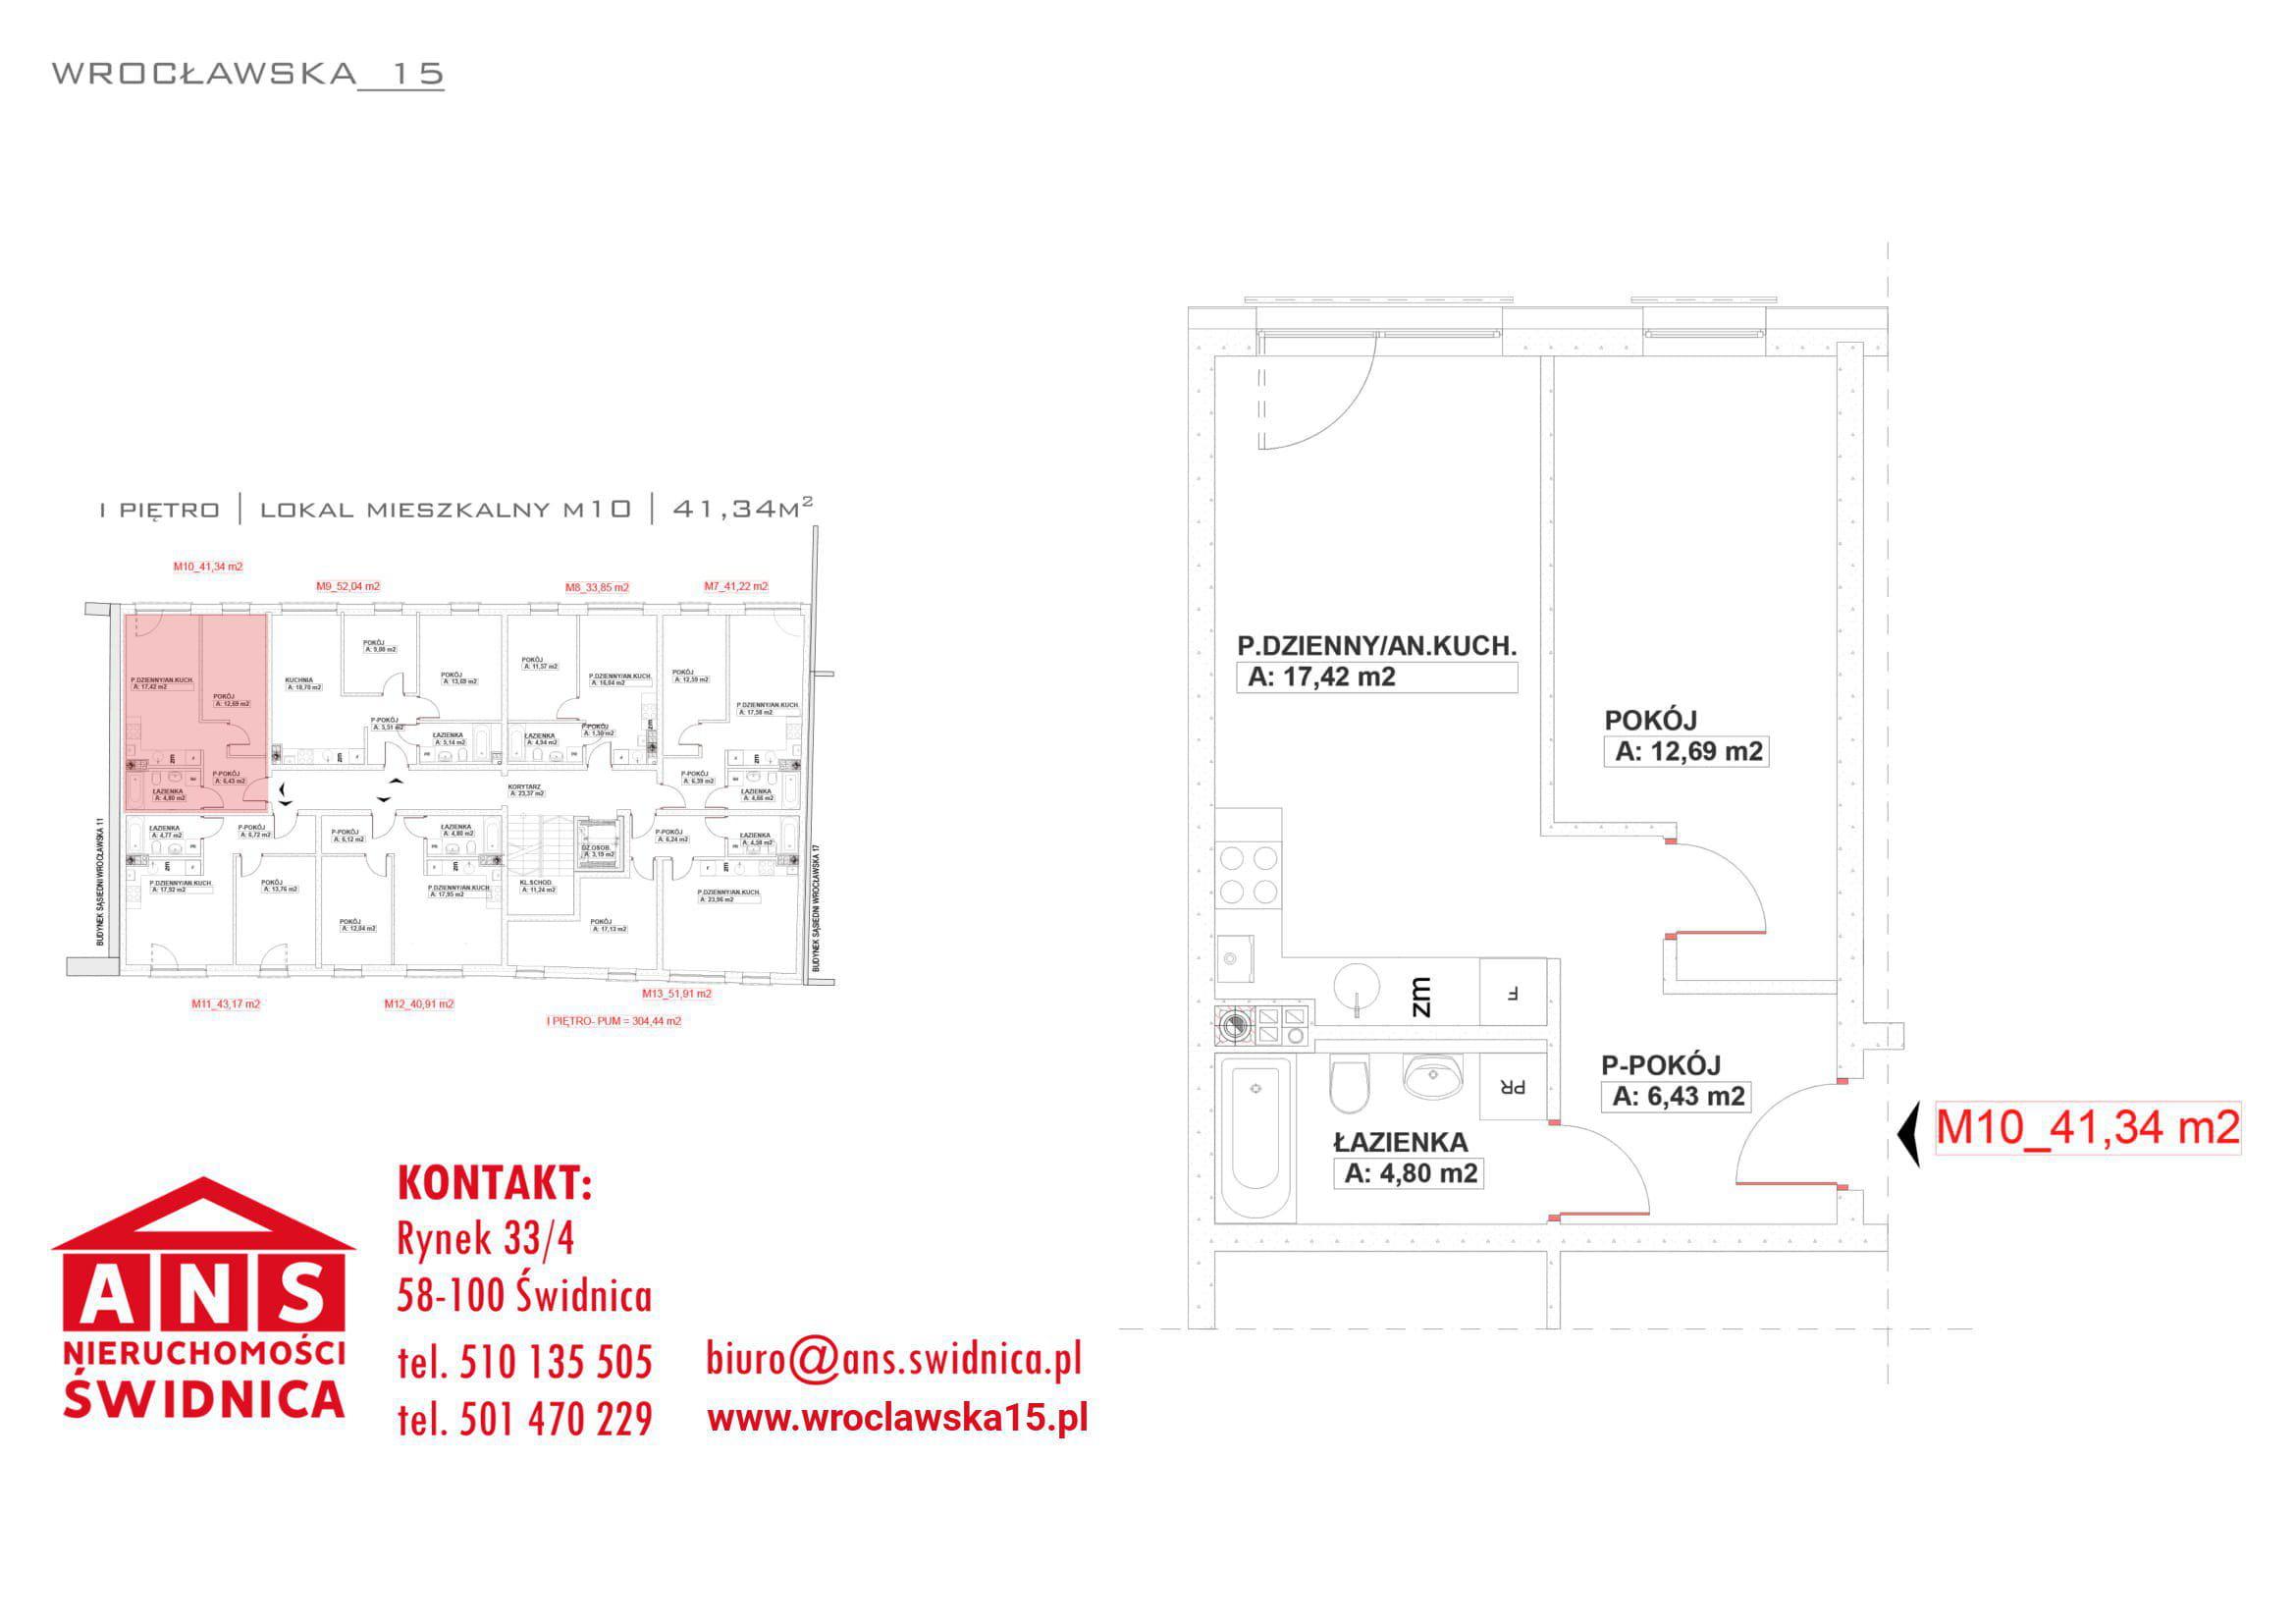 Wrocławska 15 nowe mieszkanie 41,34 m2